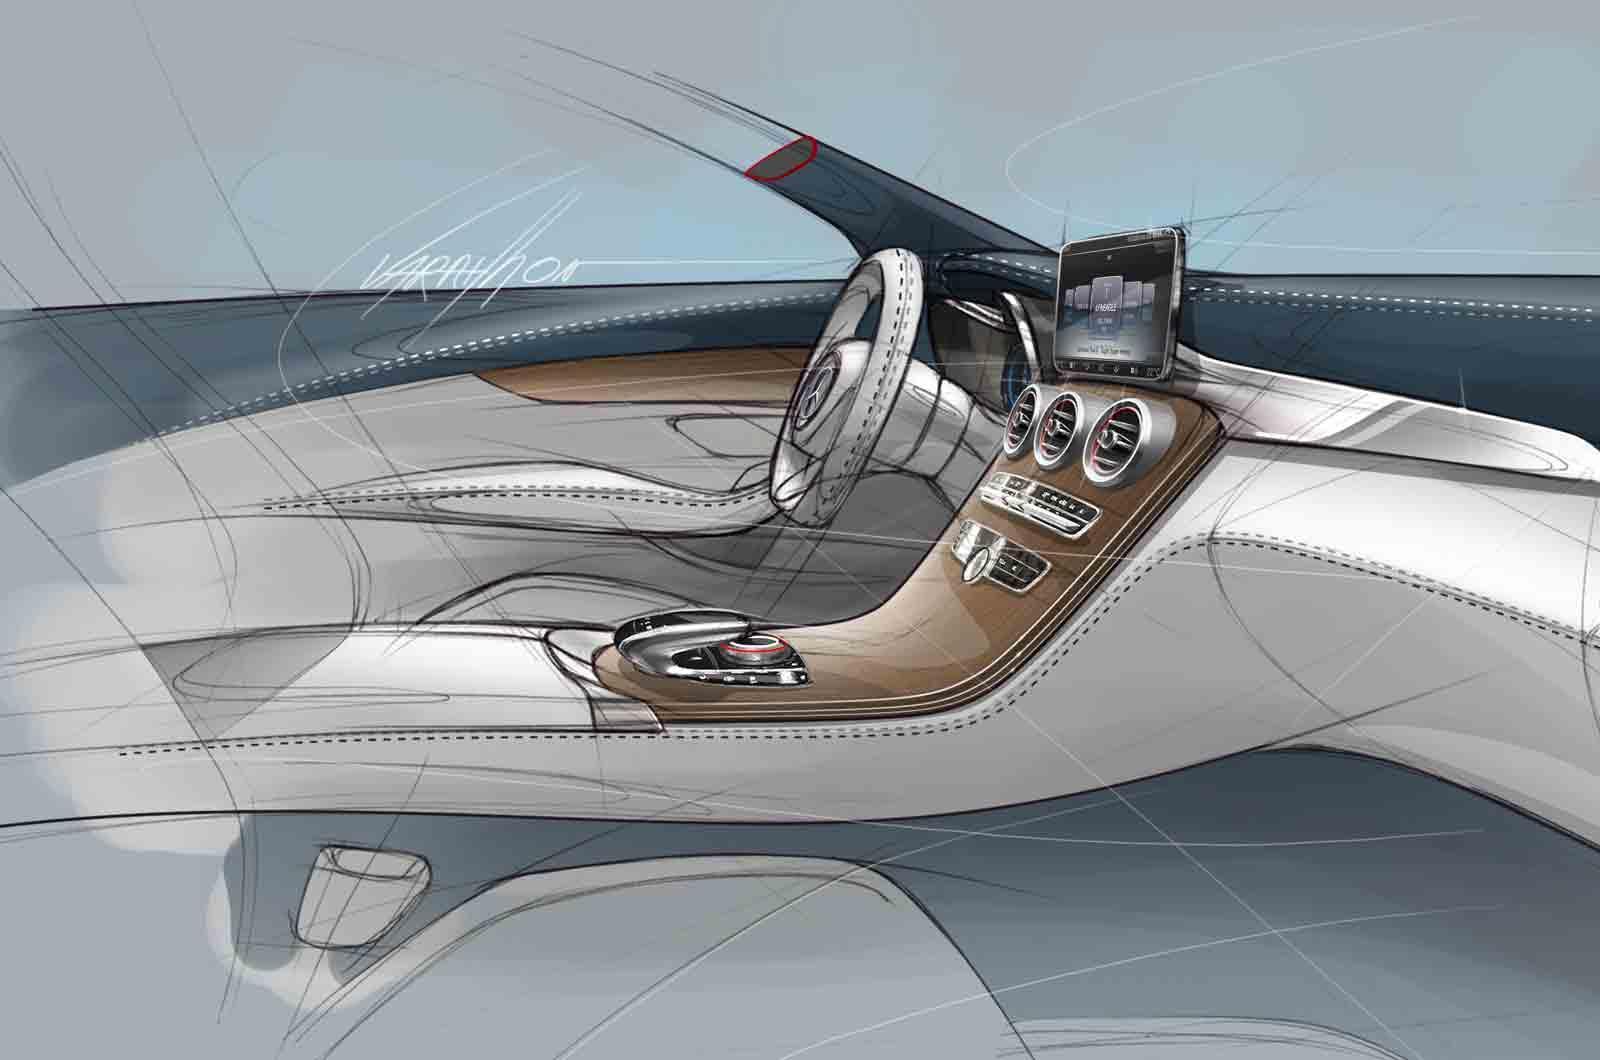 2014 mercedes benz c class interior sketch 2 - 2014 mercedes c class interior ...